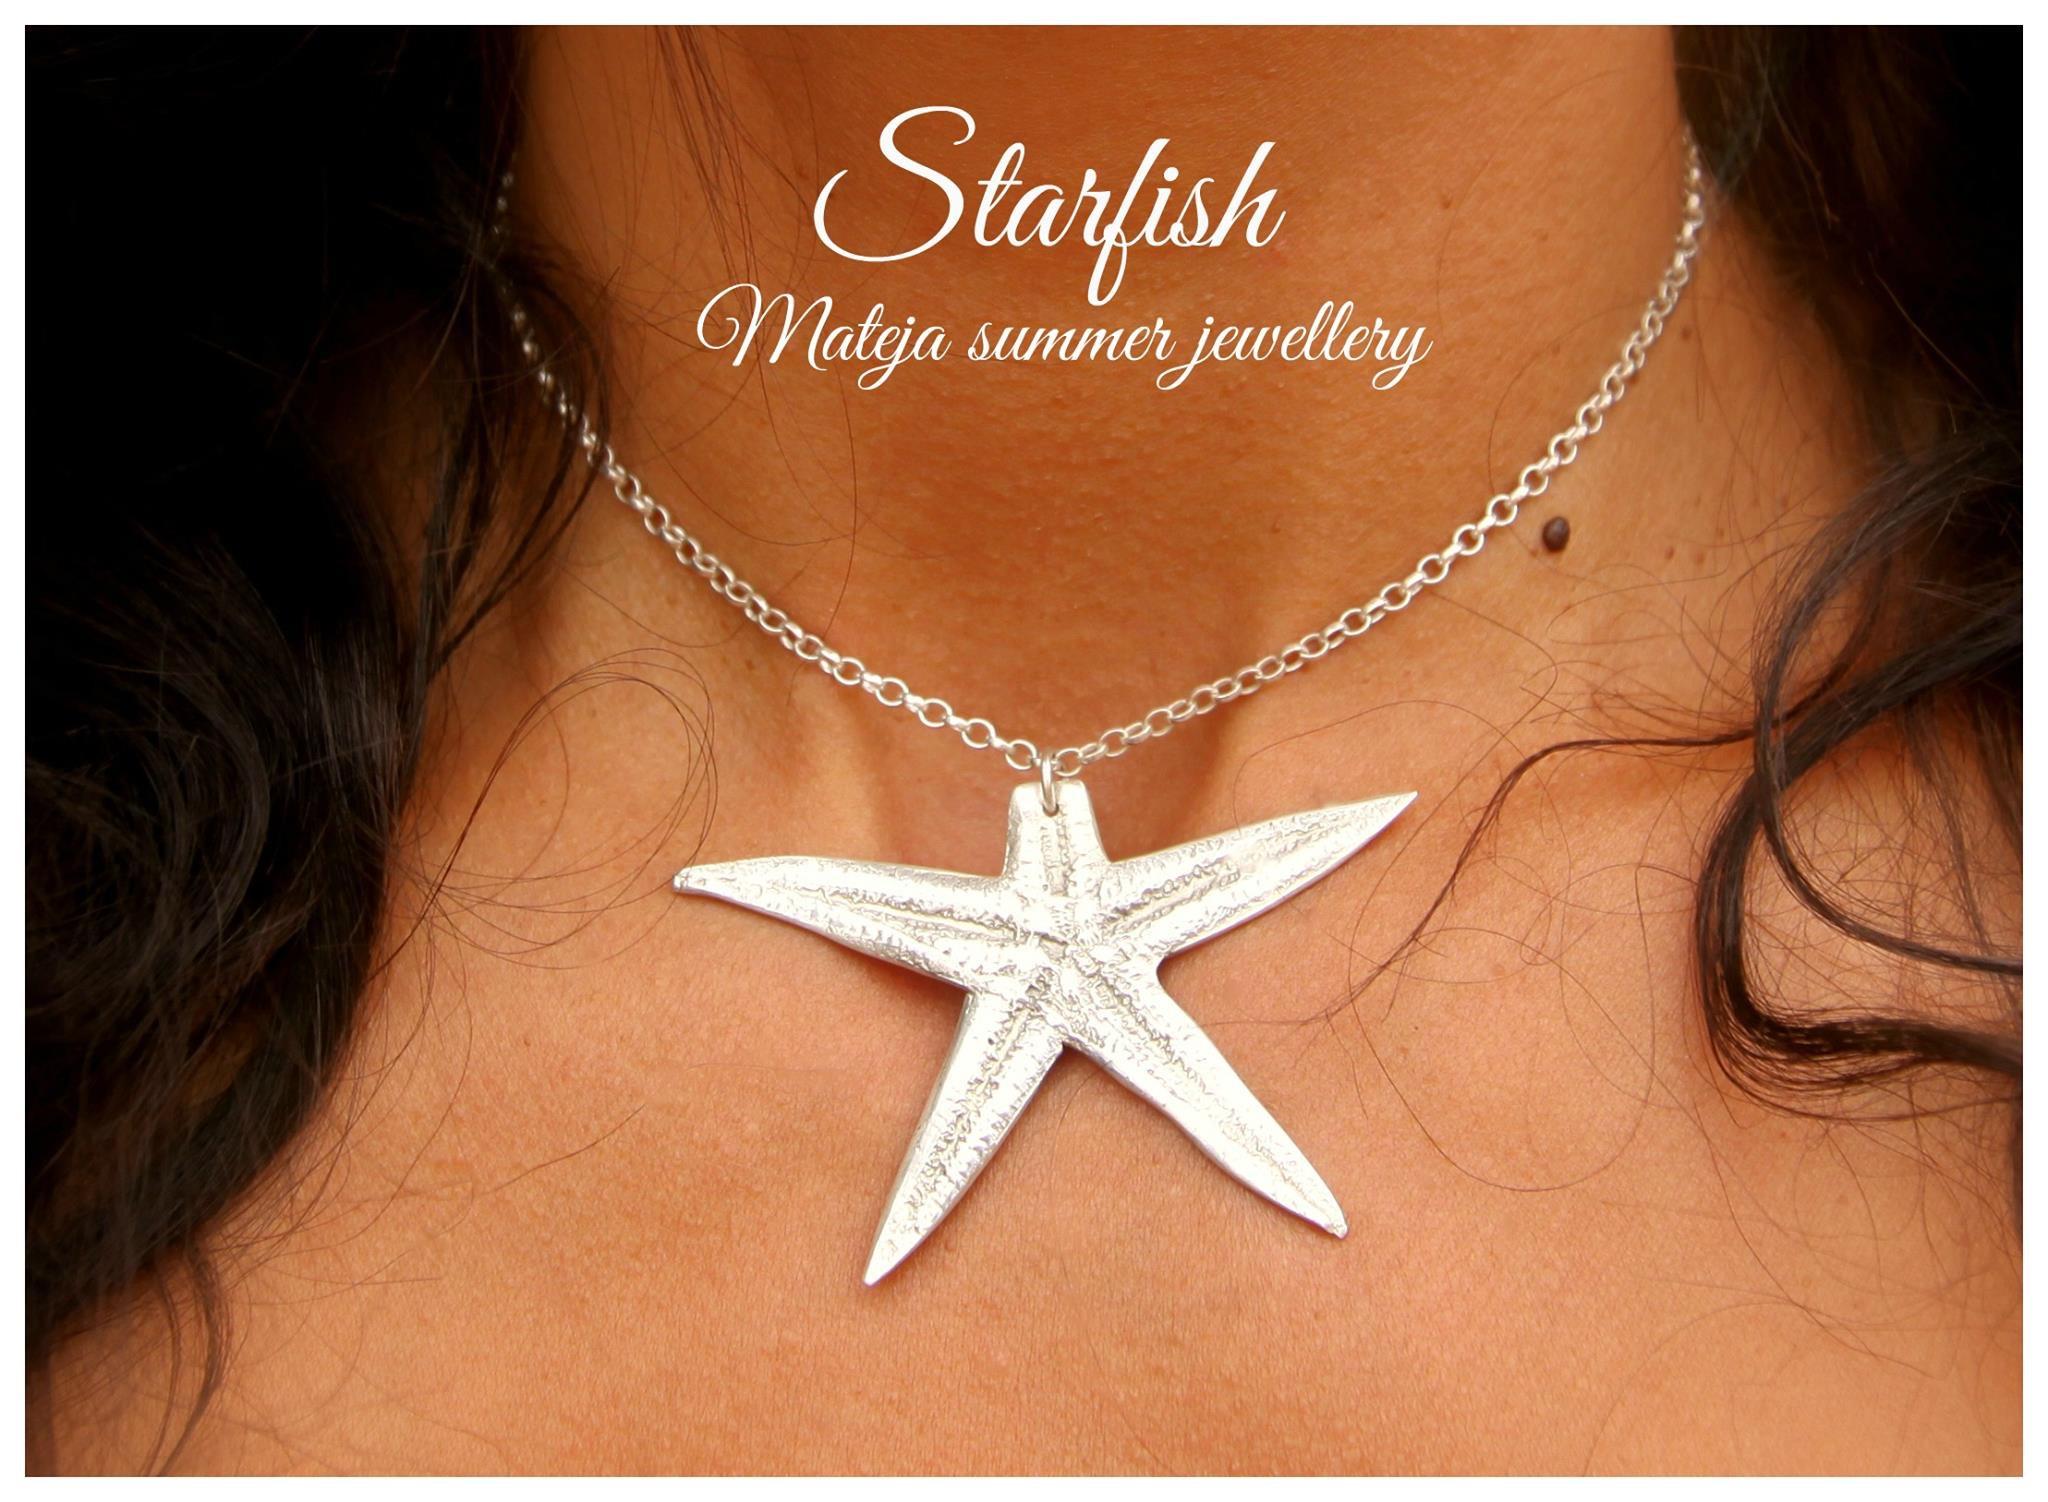 starfishimage00018